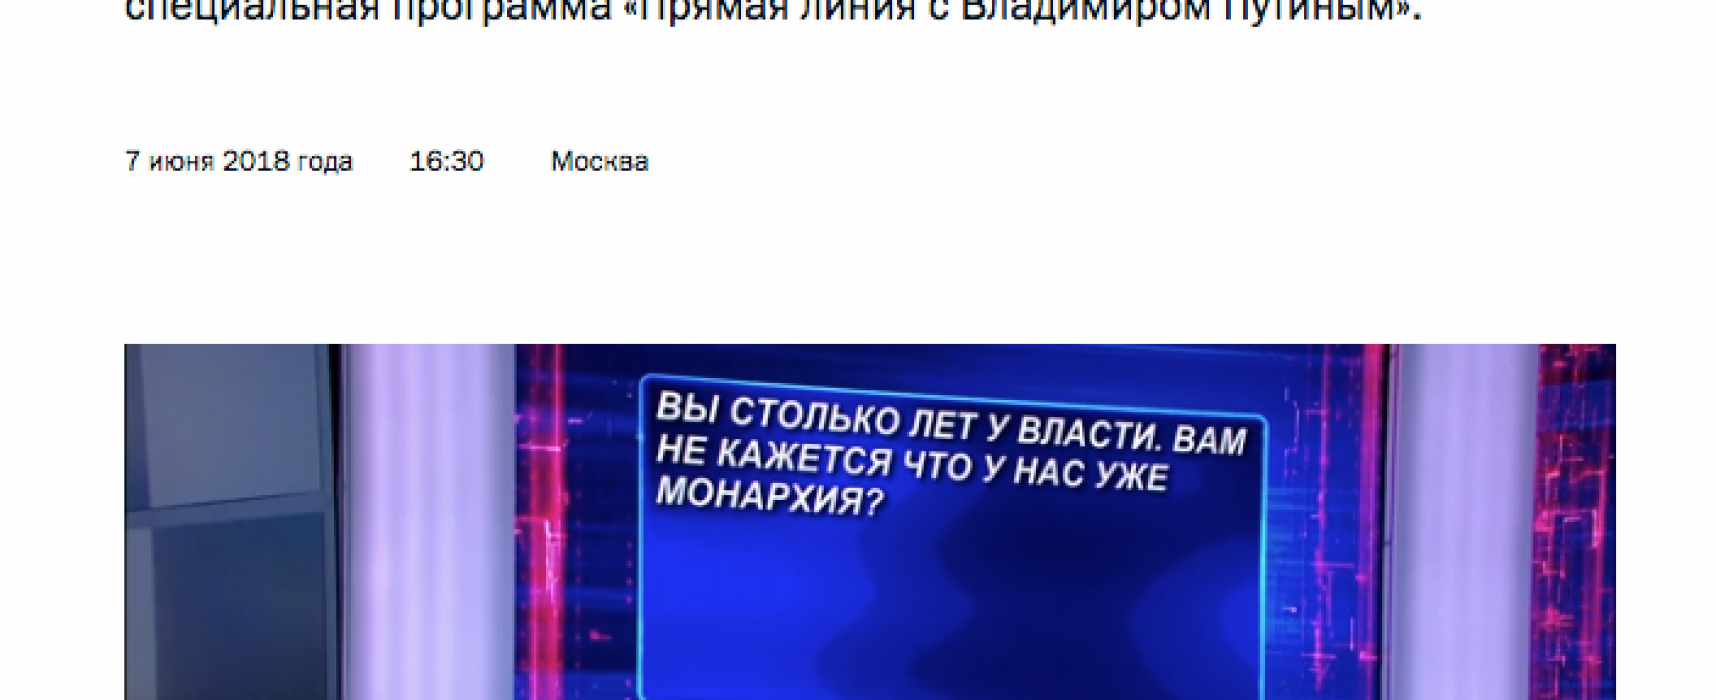 Путінська риторика про Україну під час «Прямої лінії»